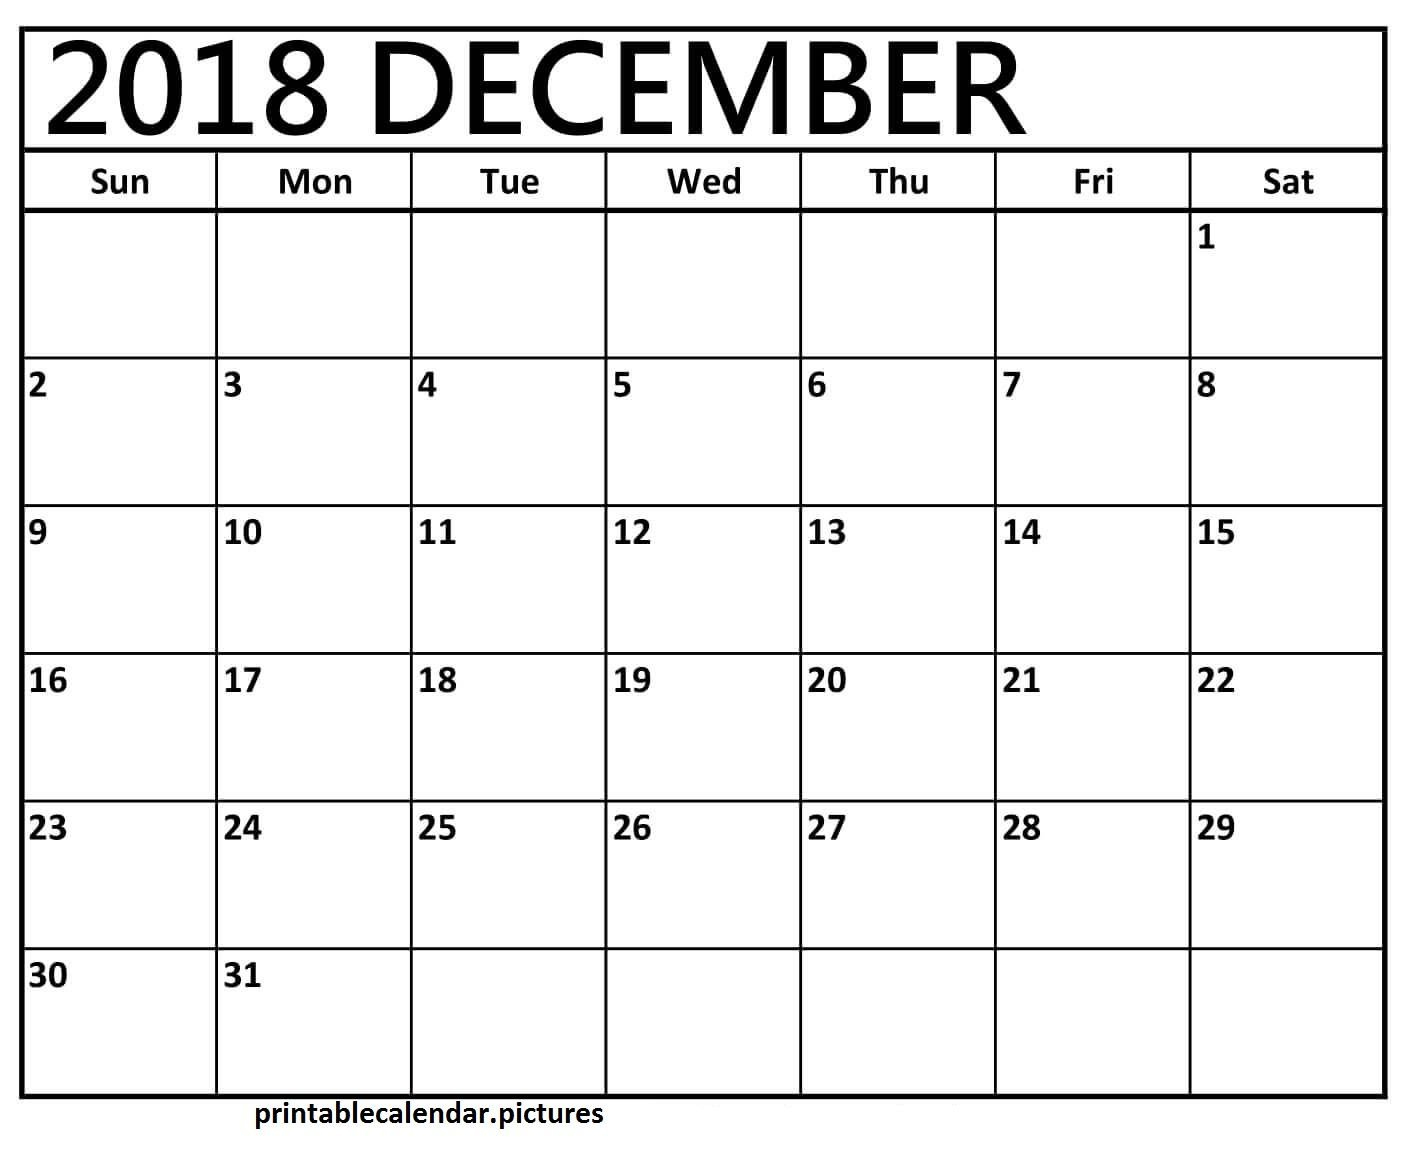 2018 December Printable Calendar Landscape | December 2018 Calendar Calendar 2019 December Printable